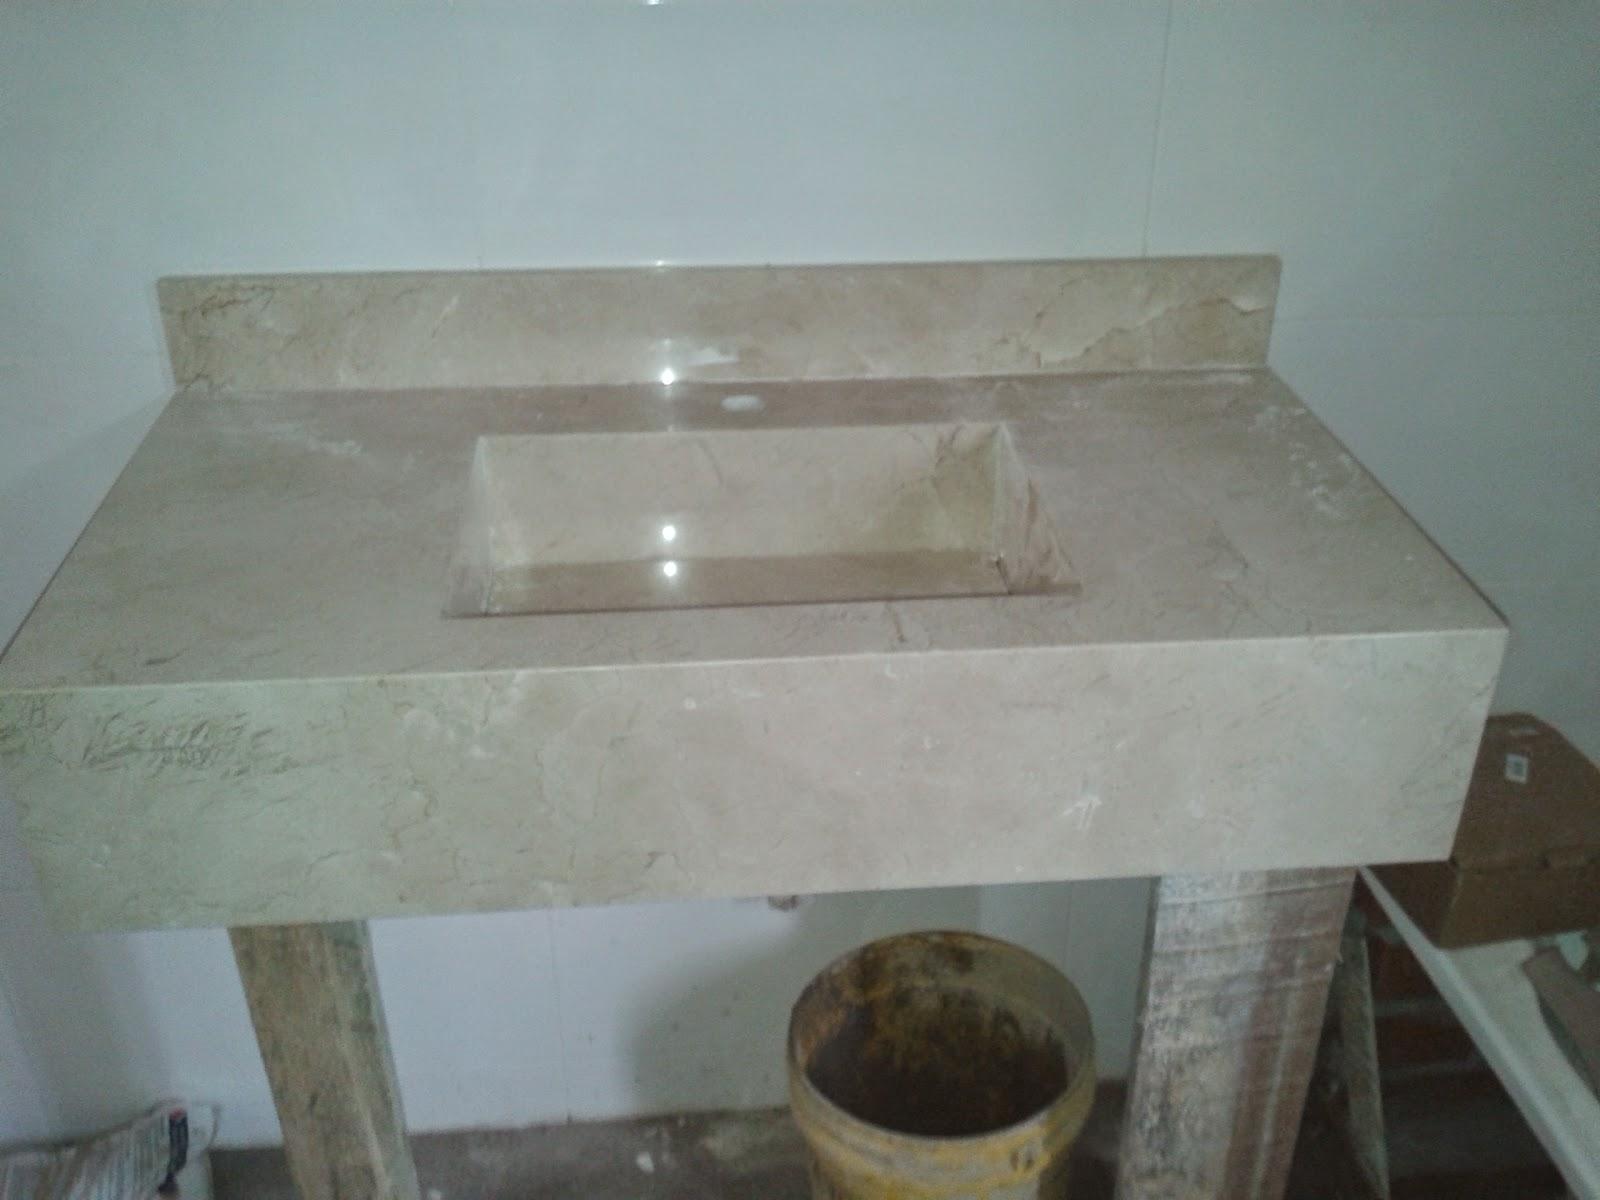 Lavatório da suíte com cuba oculta escavada ou embutida no mármore  #585244 1600x1200 Bancada Banheiro Crema Marfil